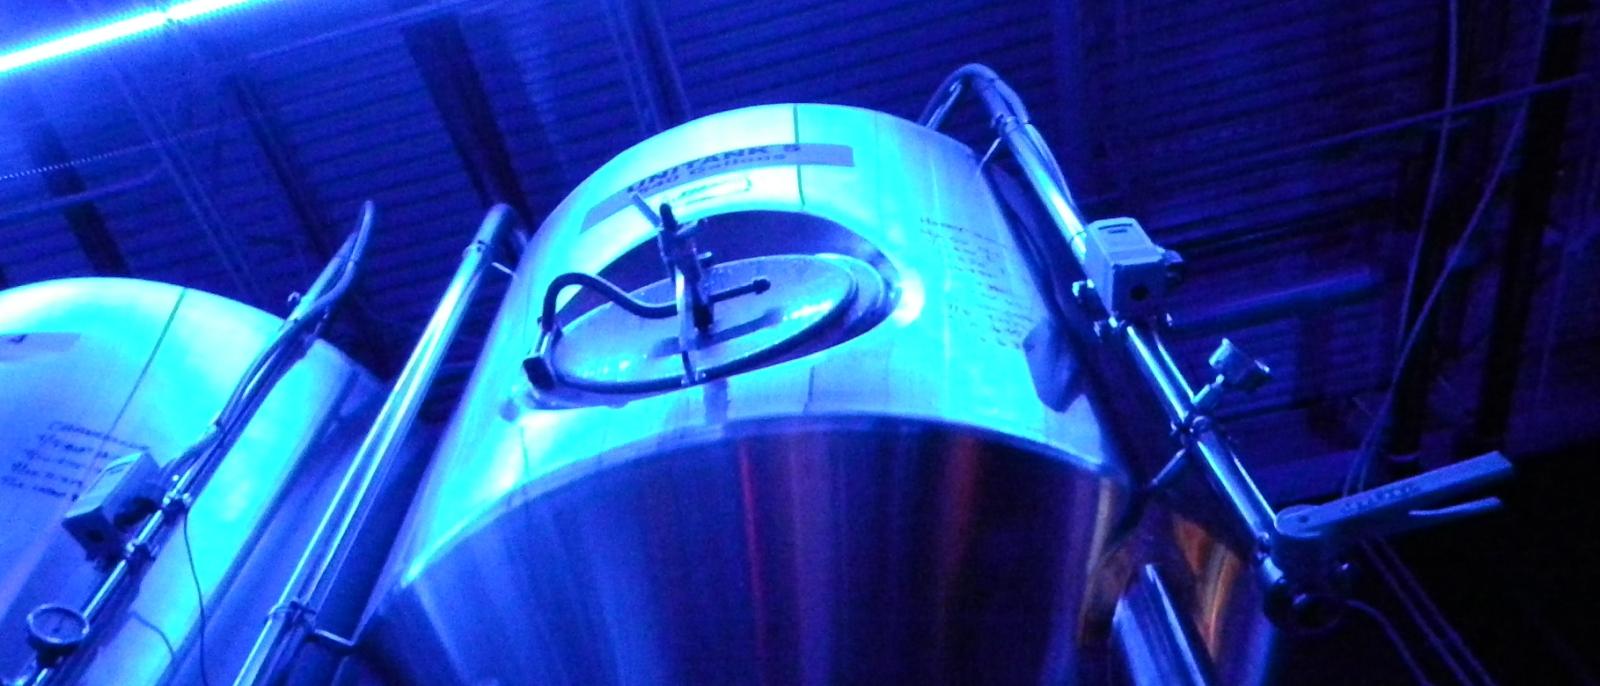 Tequesta Brewing Co - Tequesta Audio/mobile